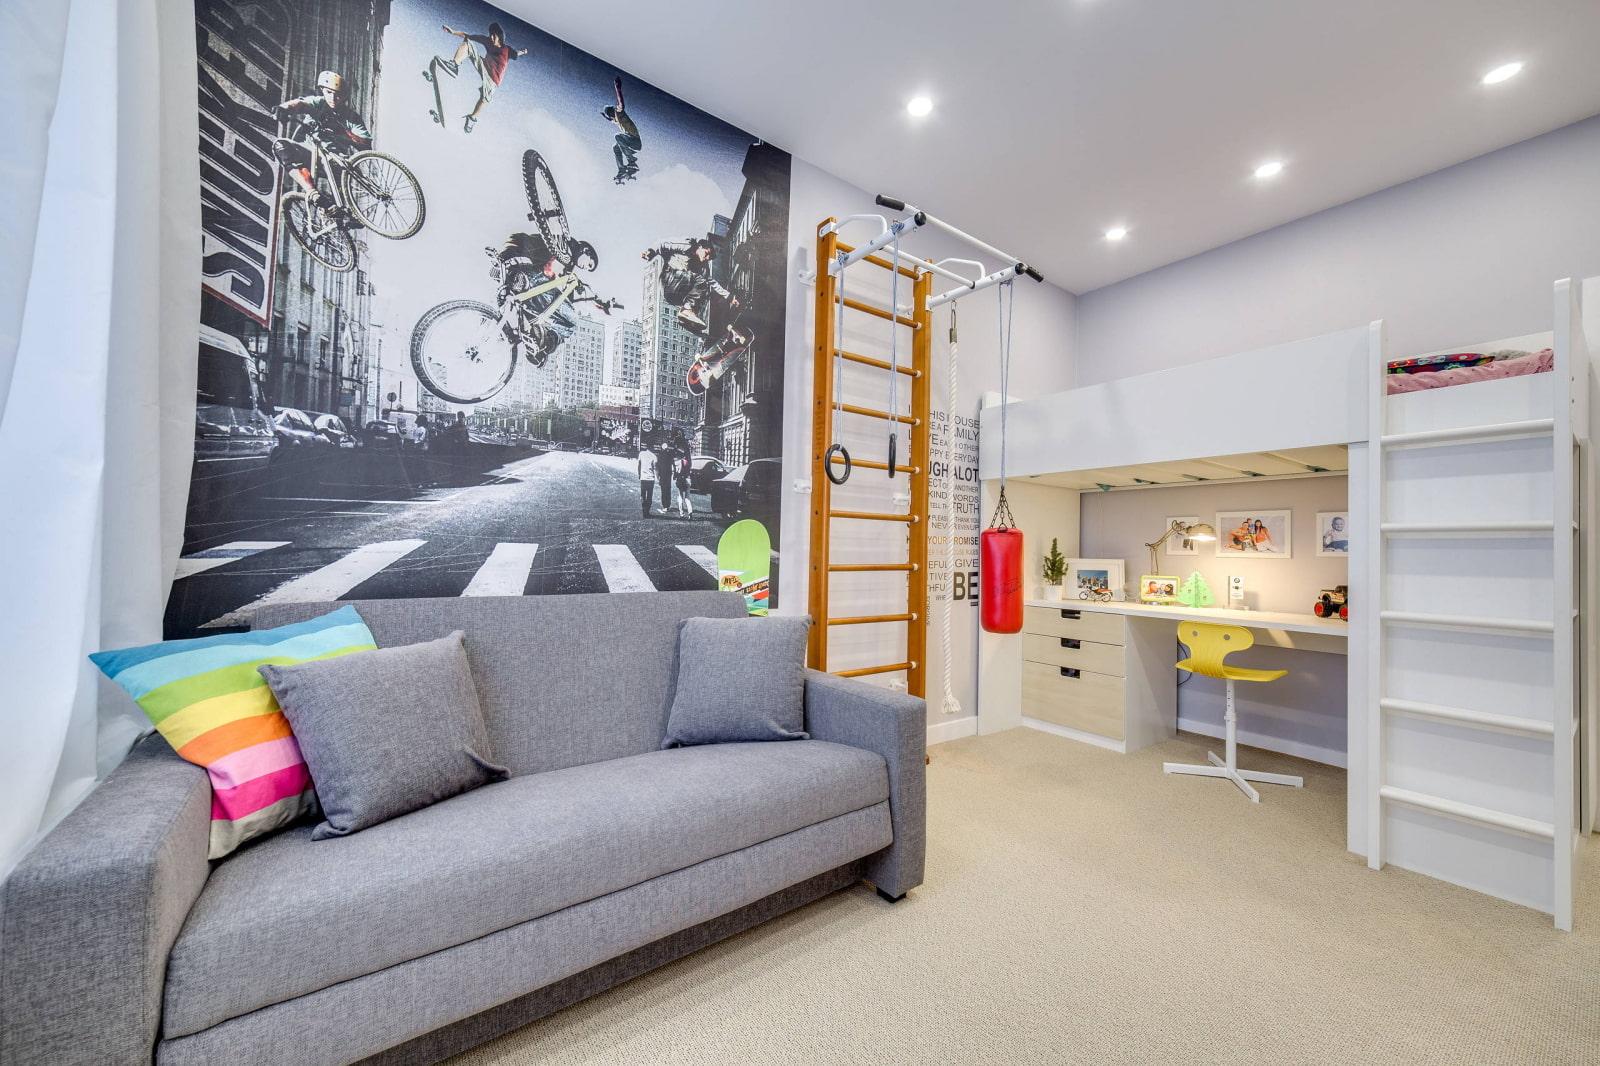 дизайн детской комнаты для школьника фото обзор